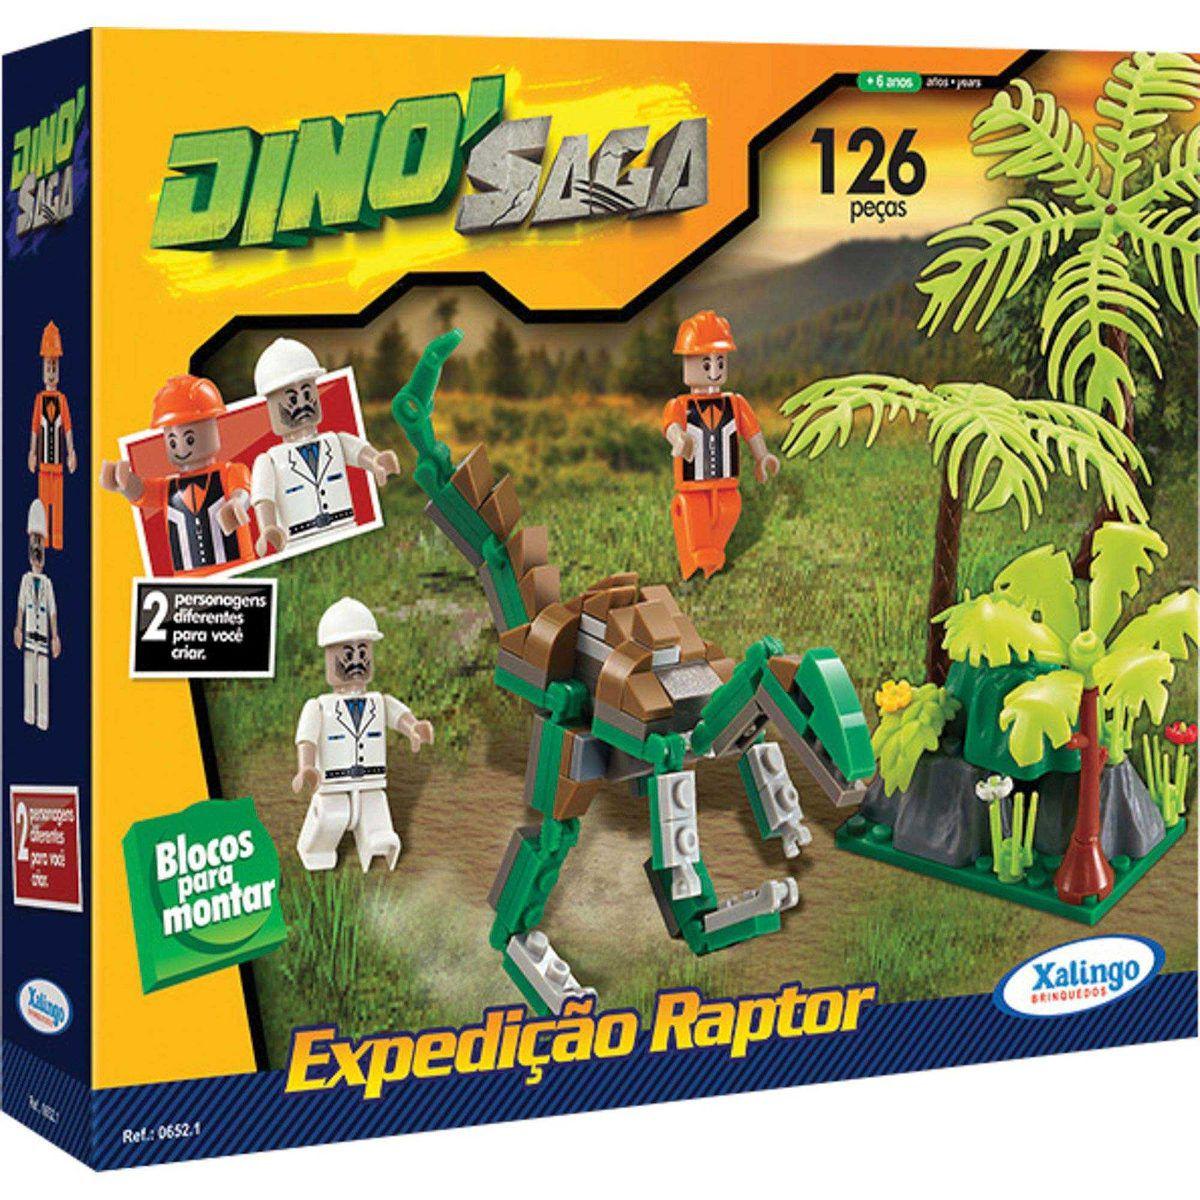 Brinquedo Blocos de Montar Dino Saga Expedição Raptor Xalingo